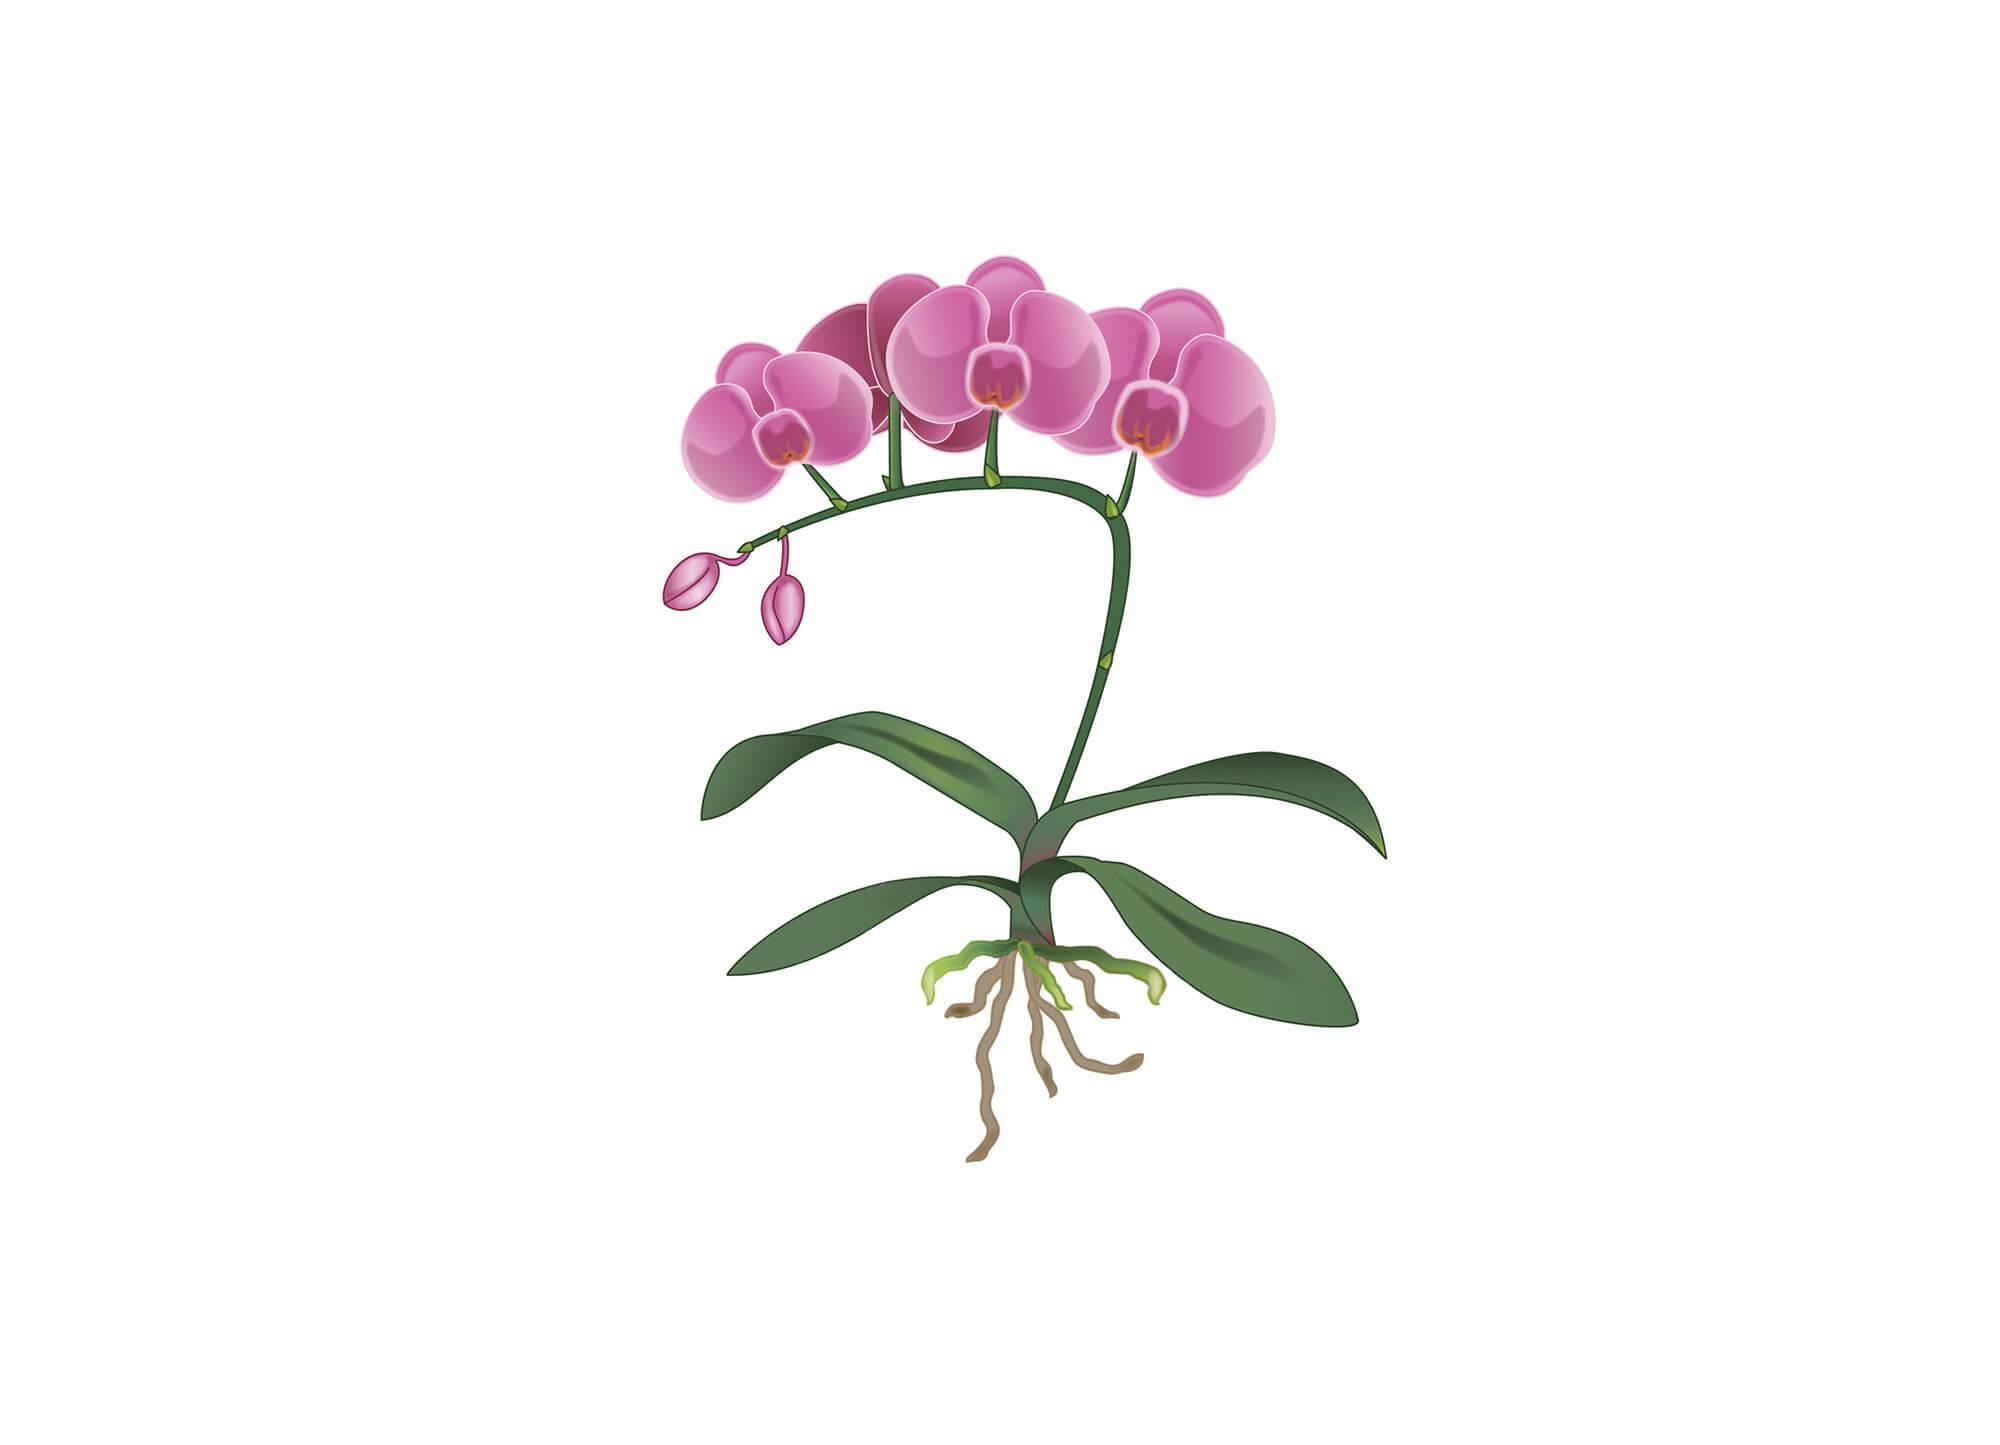 Trucos Y Consejos Para El Cuidado De Las Orquideas - Orquideas-blancas-cuidados